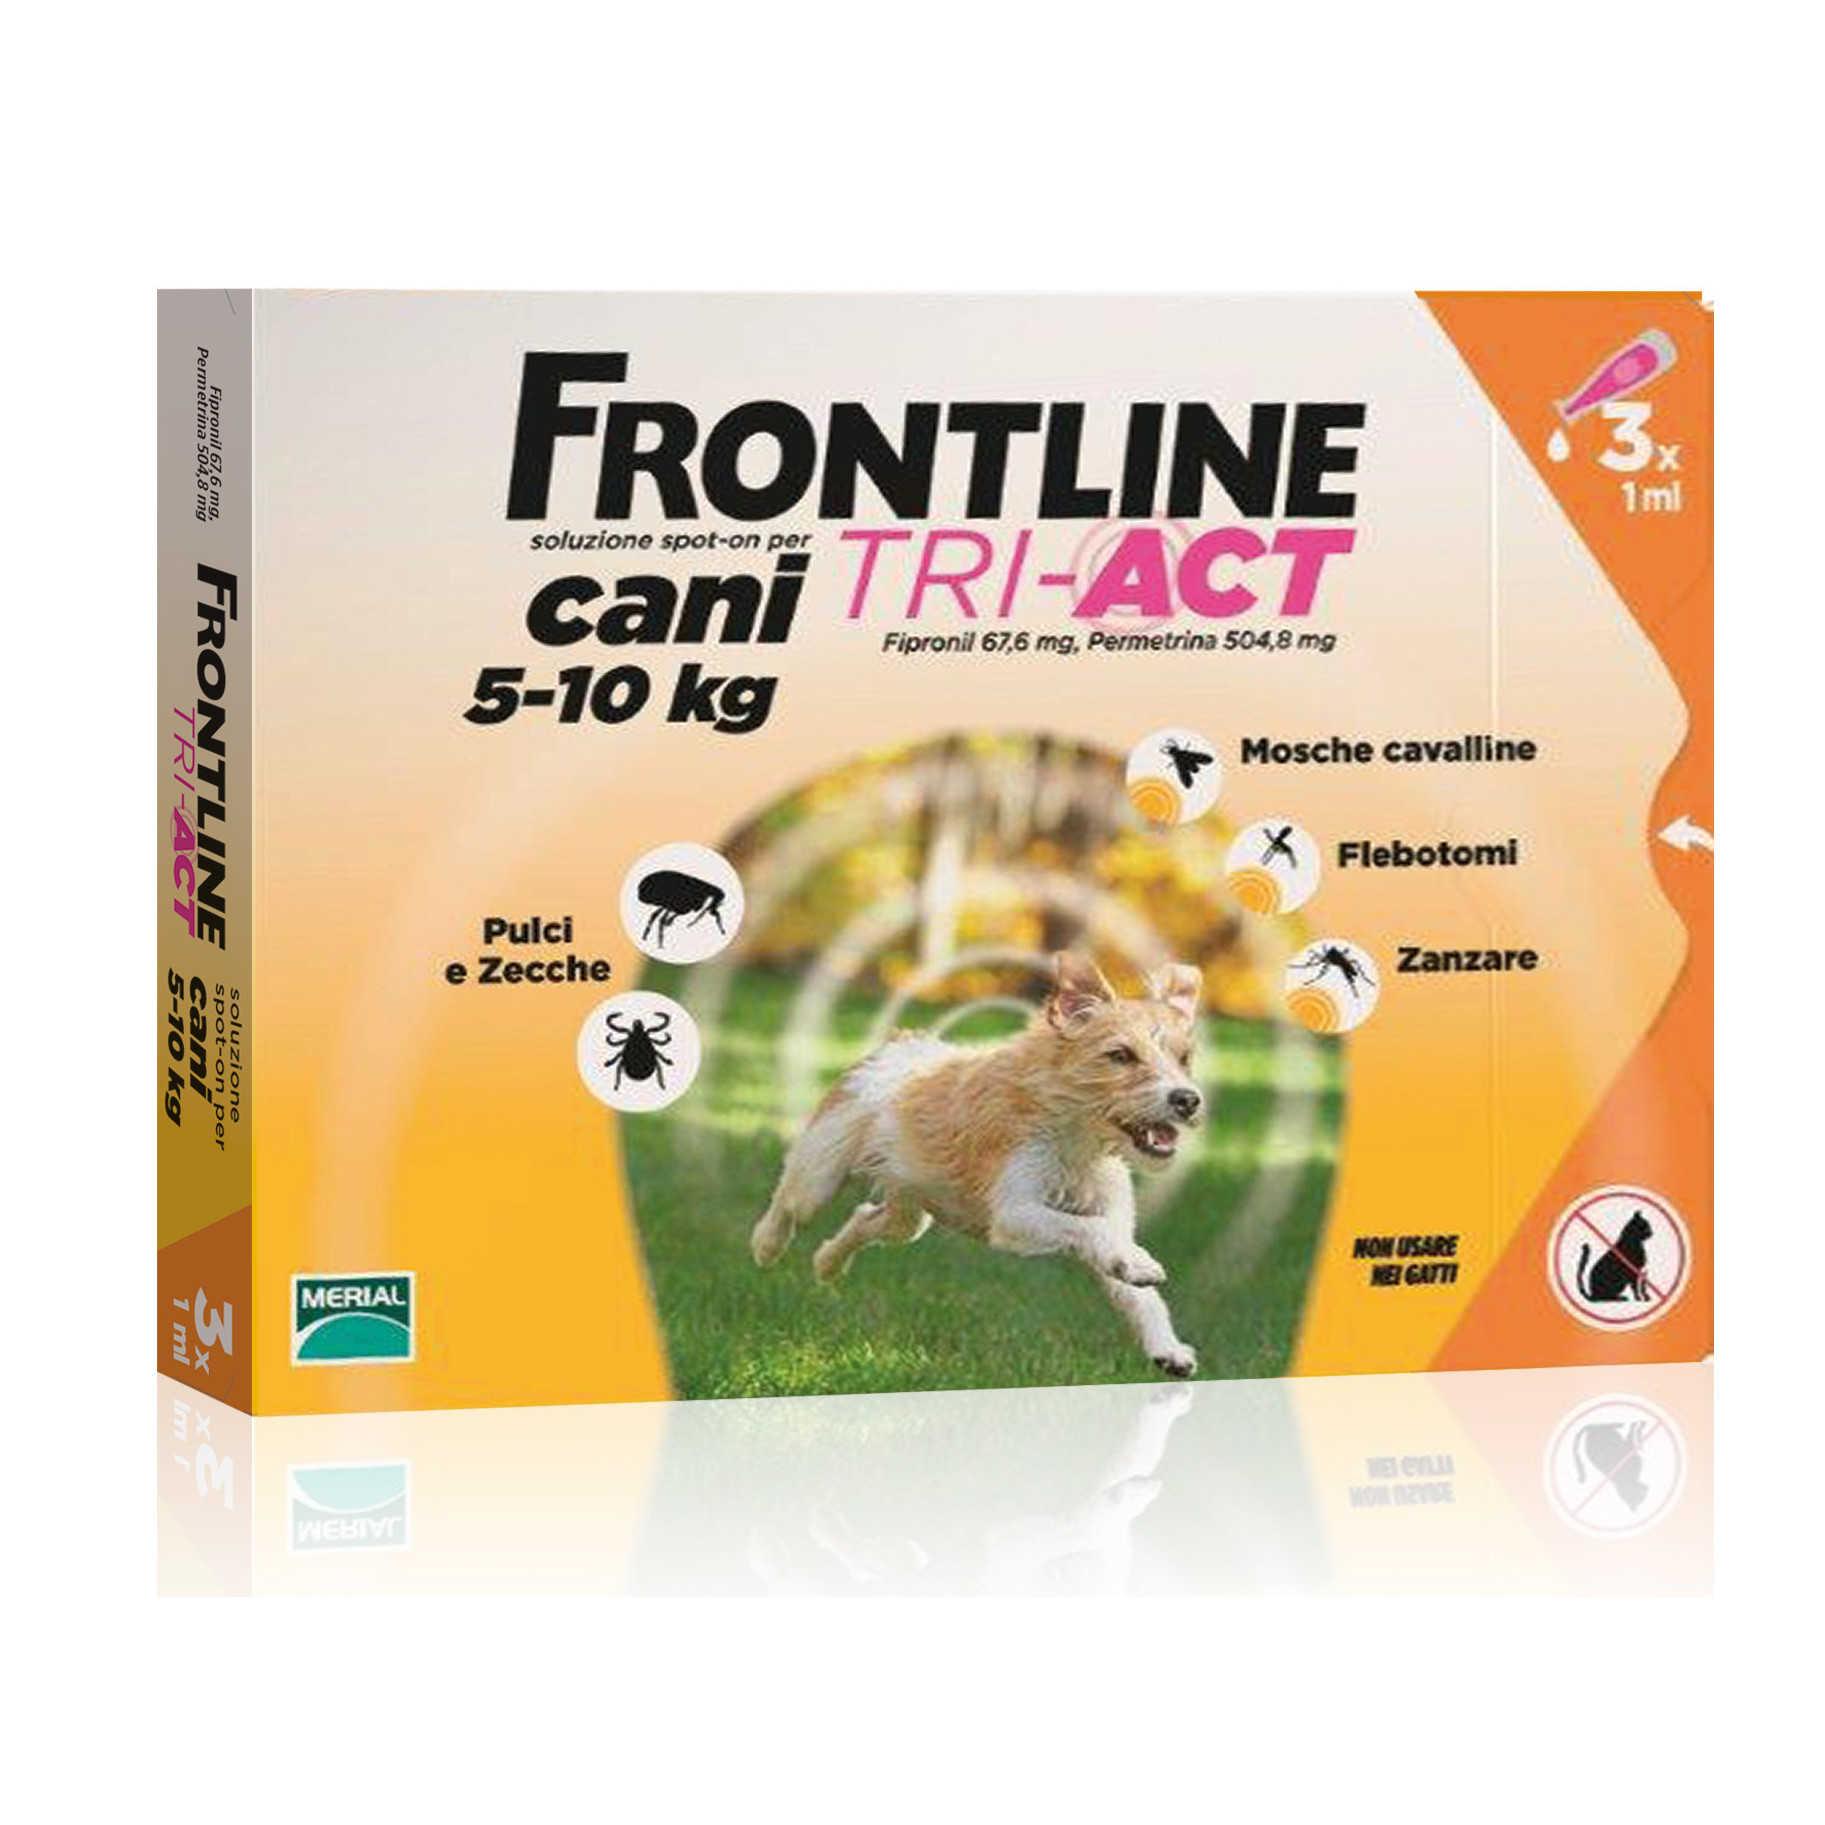 Frontline Combo - Atiparassitario per animali - Tri Act - Cani 5-10 kg